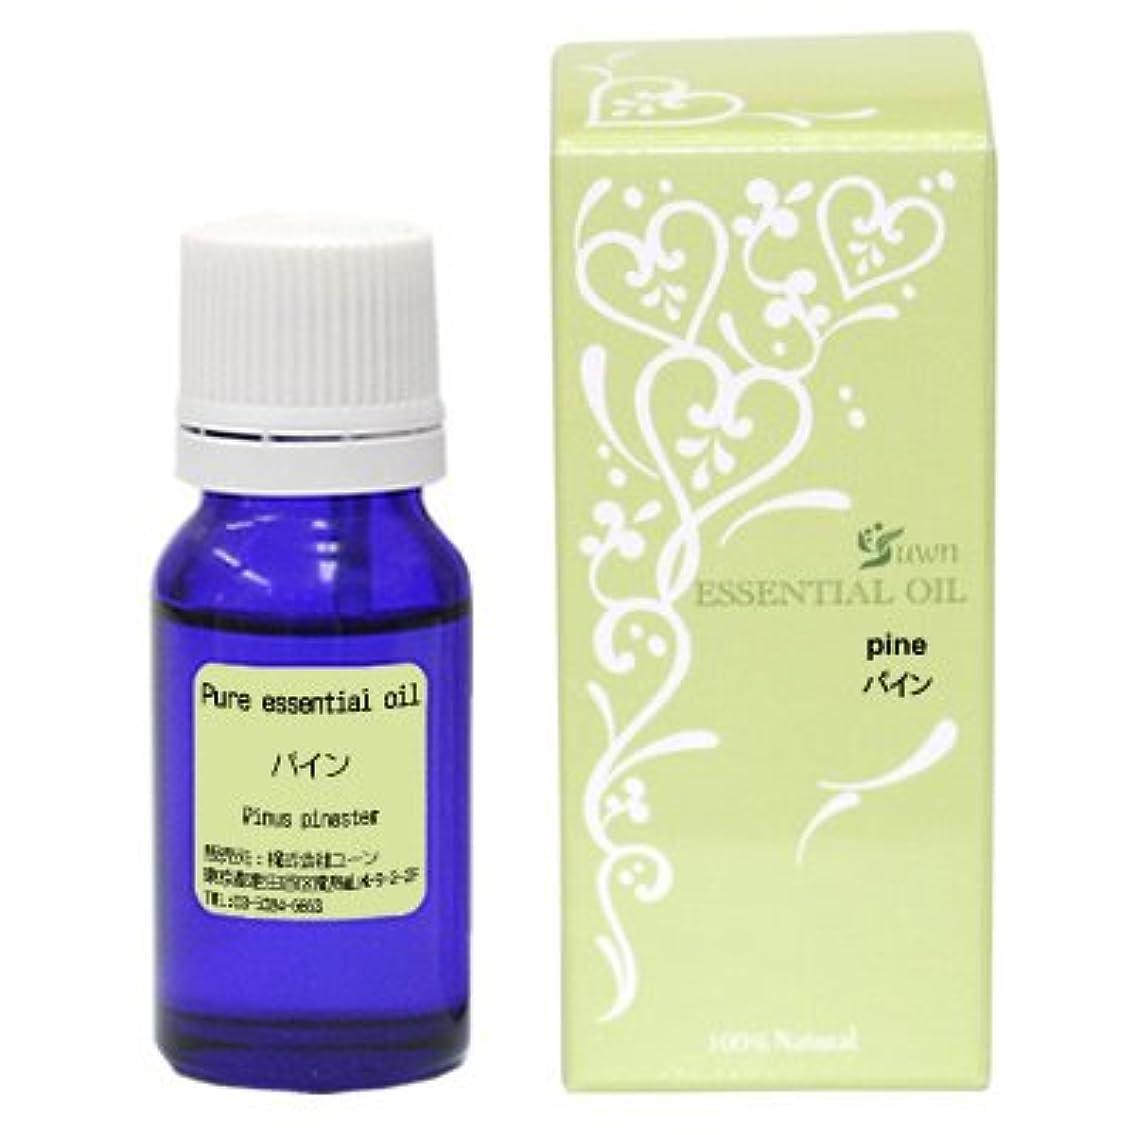 パインオイル 10ml ywoil:エッセンシャルオイル(精油)